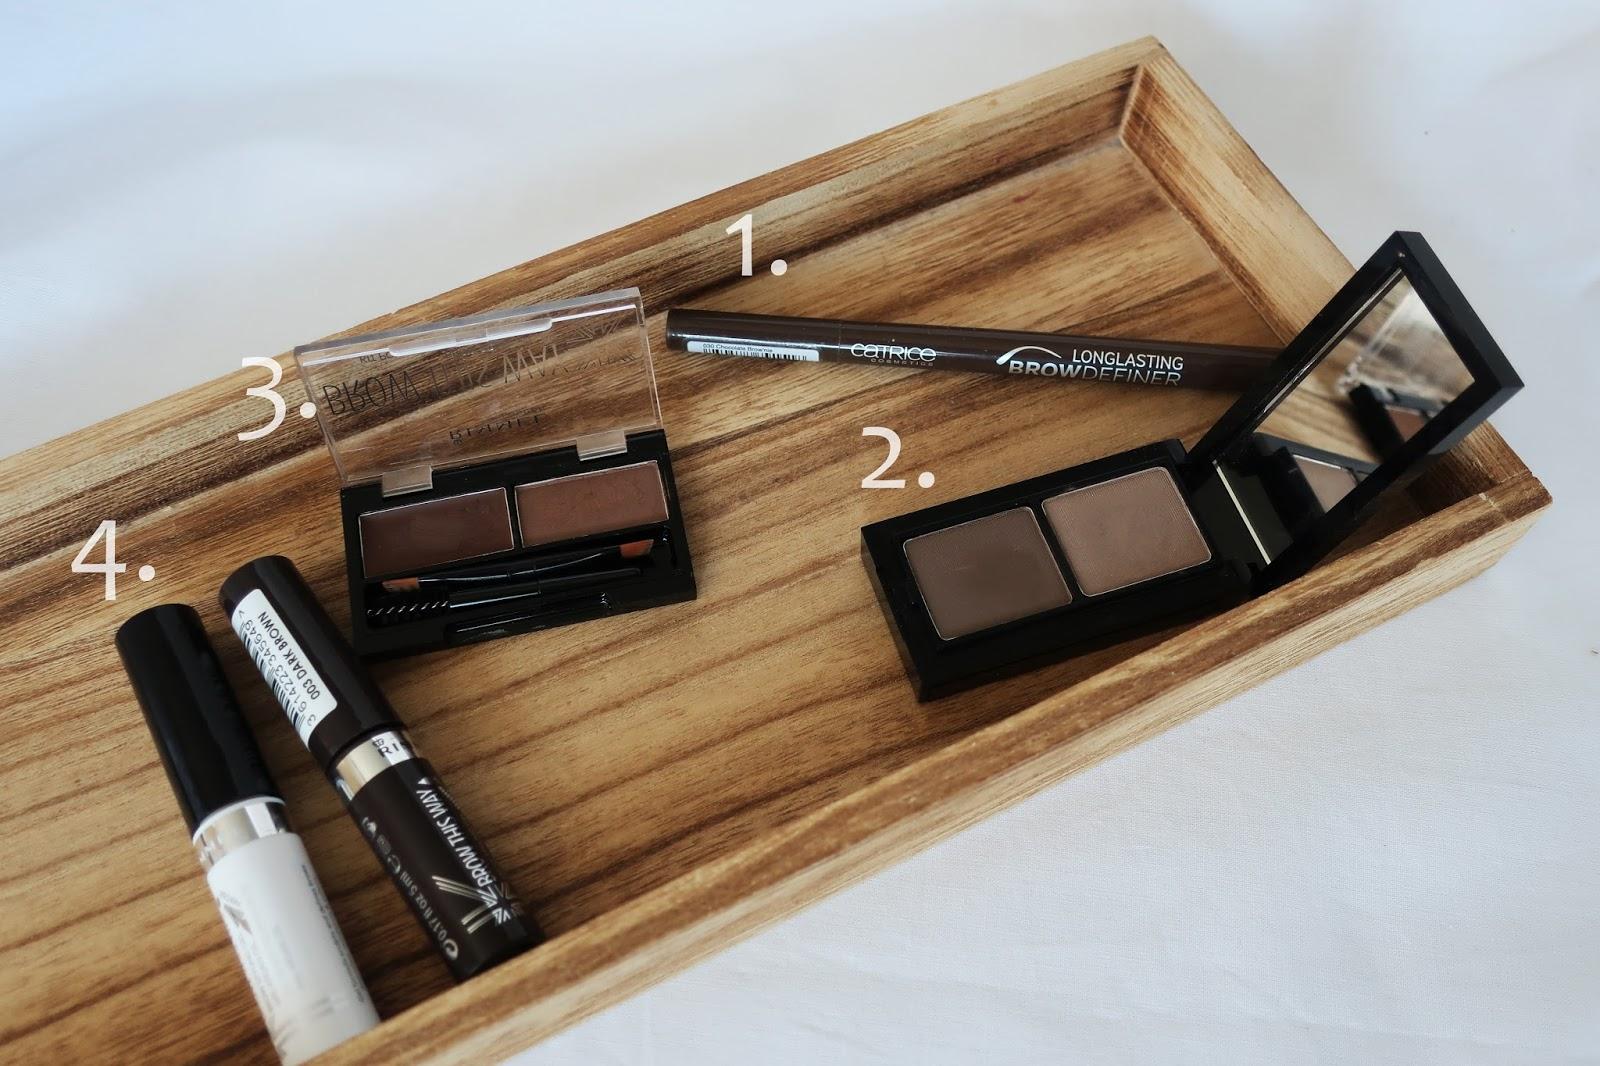 Catrice / Rimmel kosmetyki do makijażu brwi